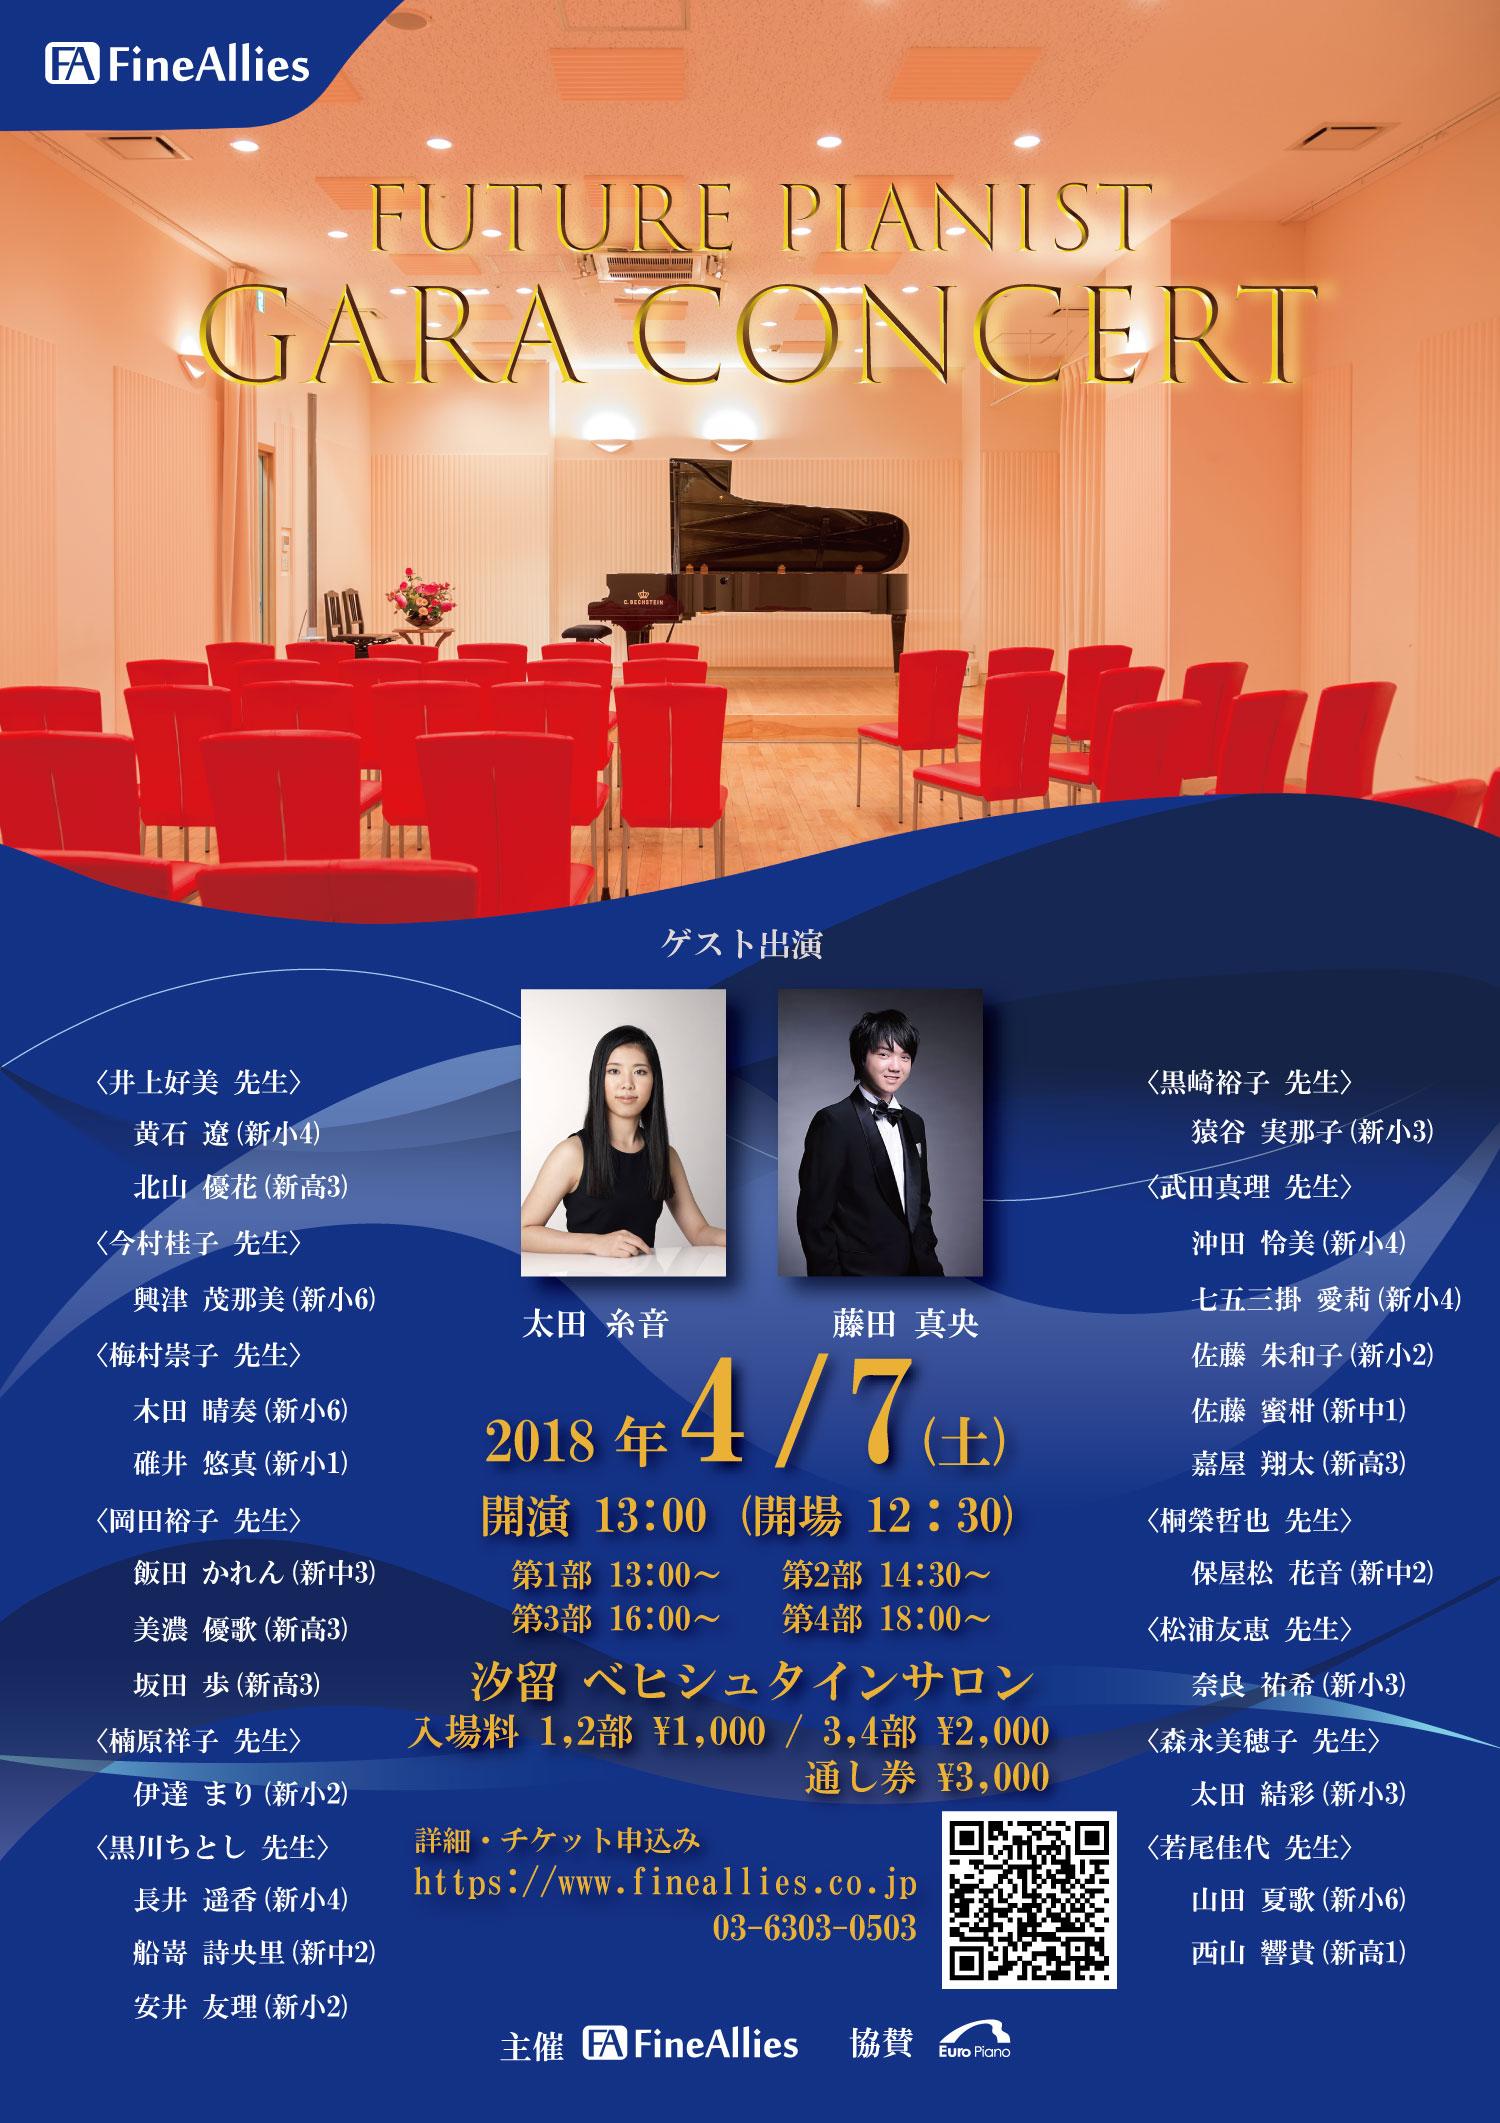 「未来のピアニスト」にスポットを当てたガラコンサート